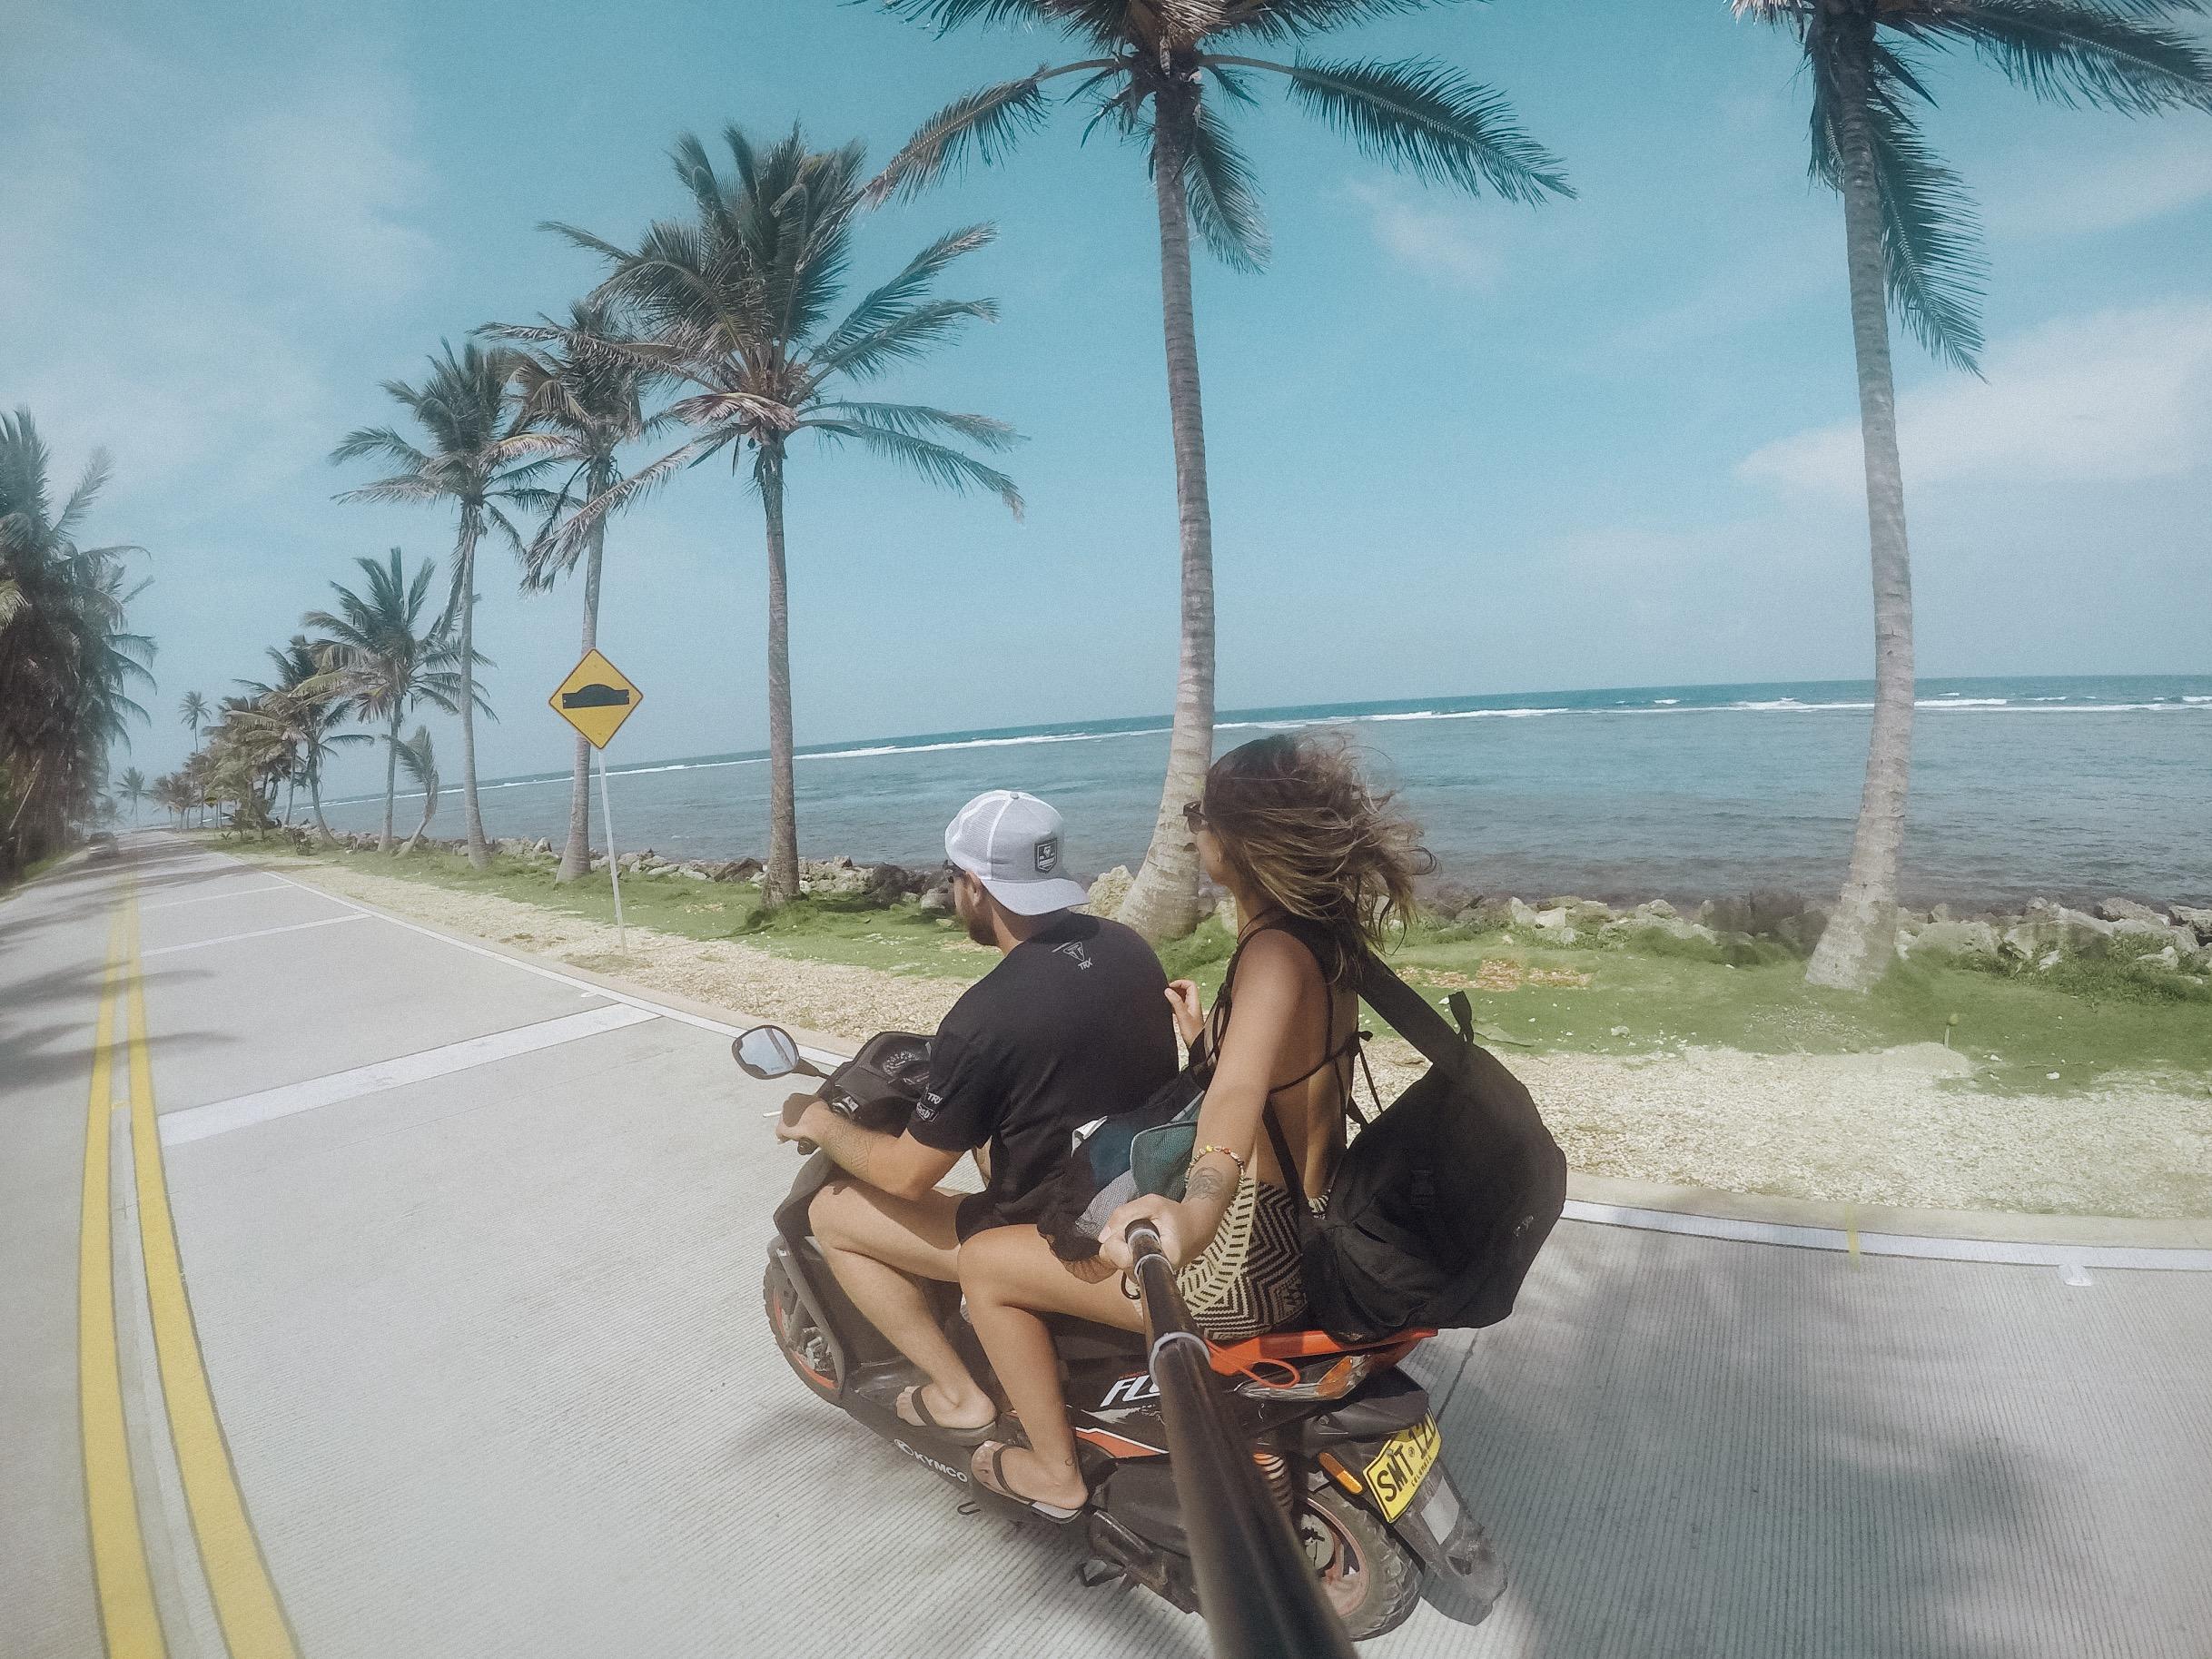 Alugar uma moto em San Andrés otimiza ainda mais o roteiro pela ilha (Foto: Tati Sisti)